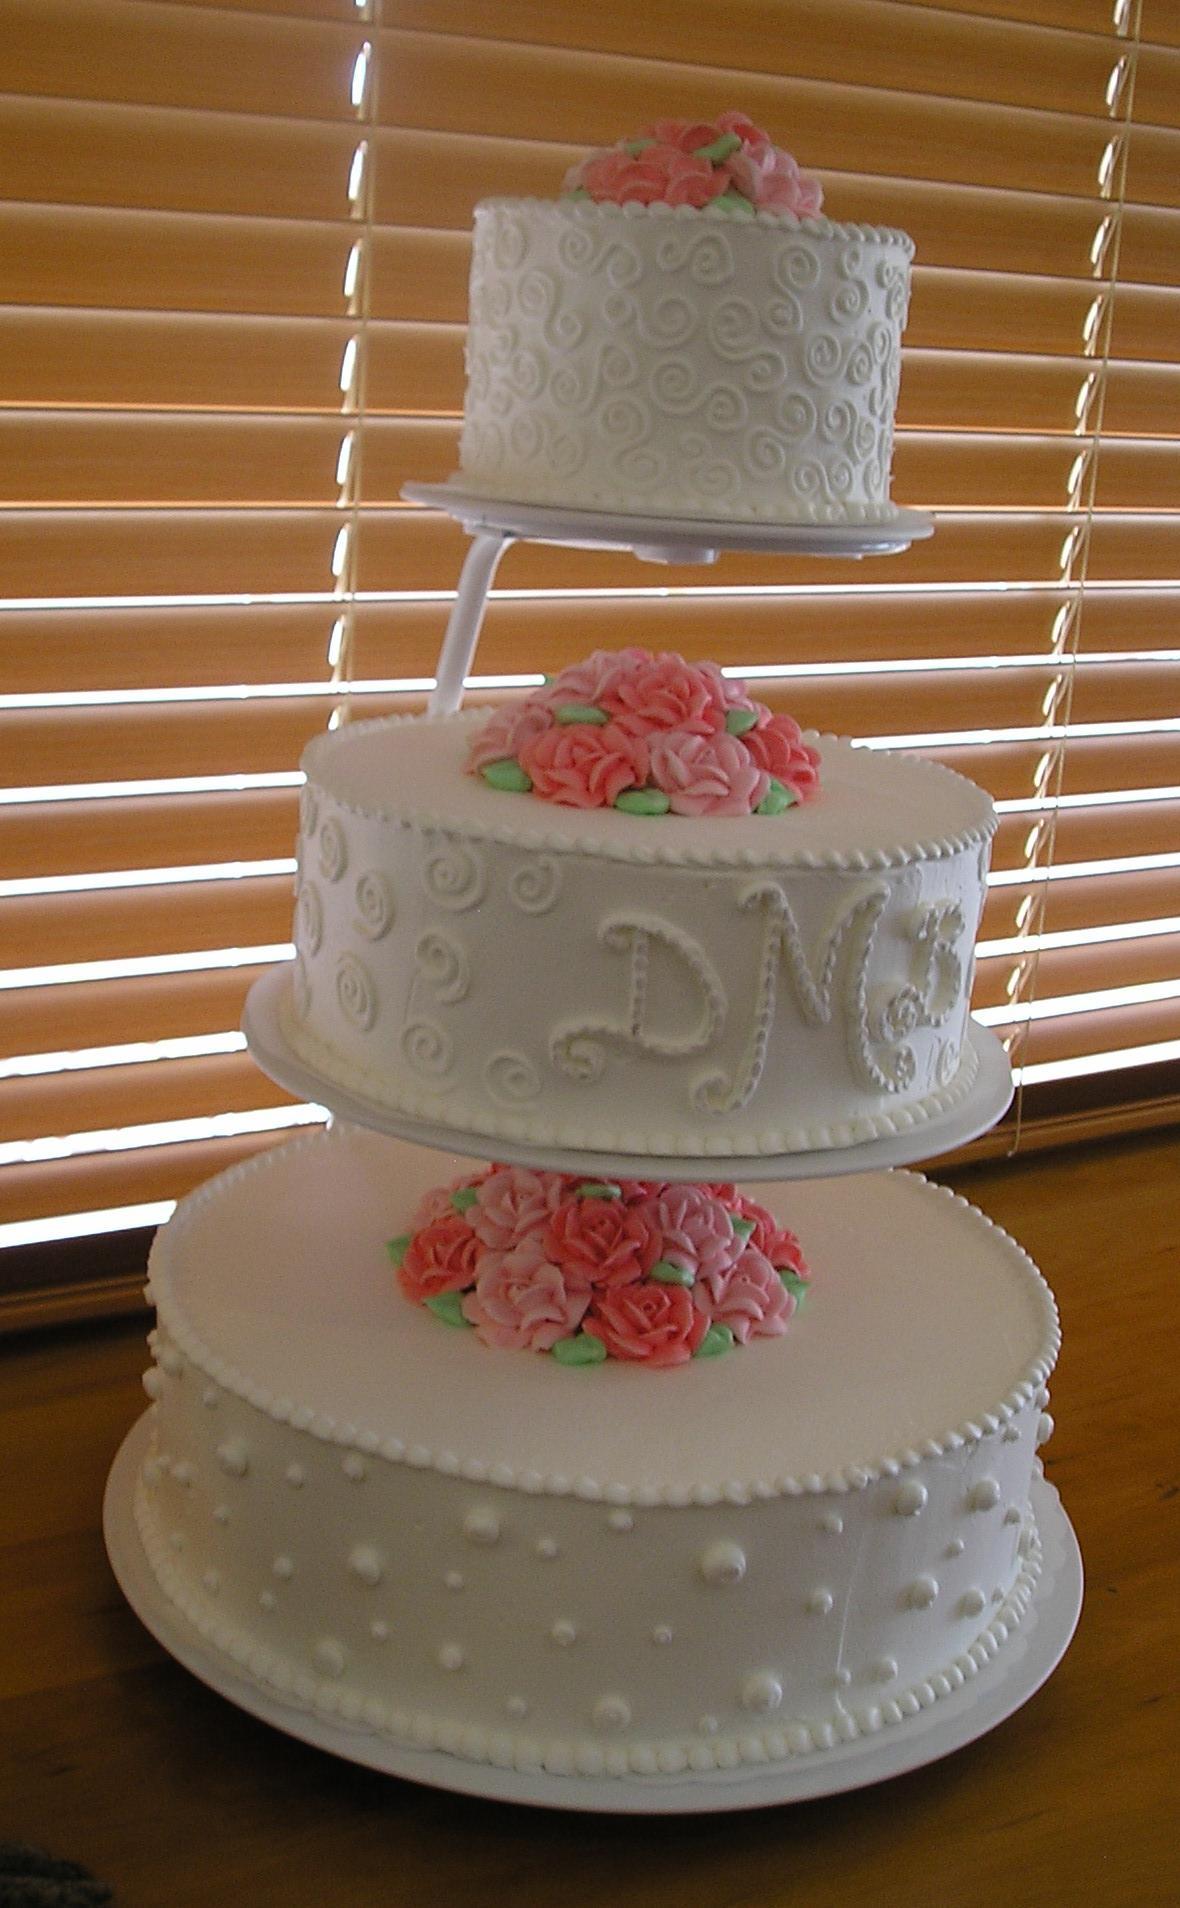 Floating Cake Stand Wedding Cakes : floating, stand, wedding, cakes, Wedding, Dutch, Bakery